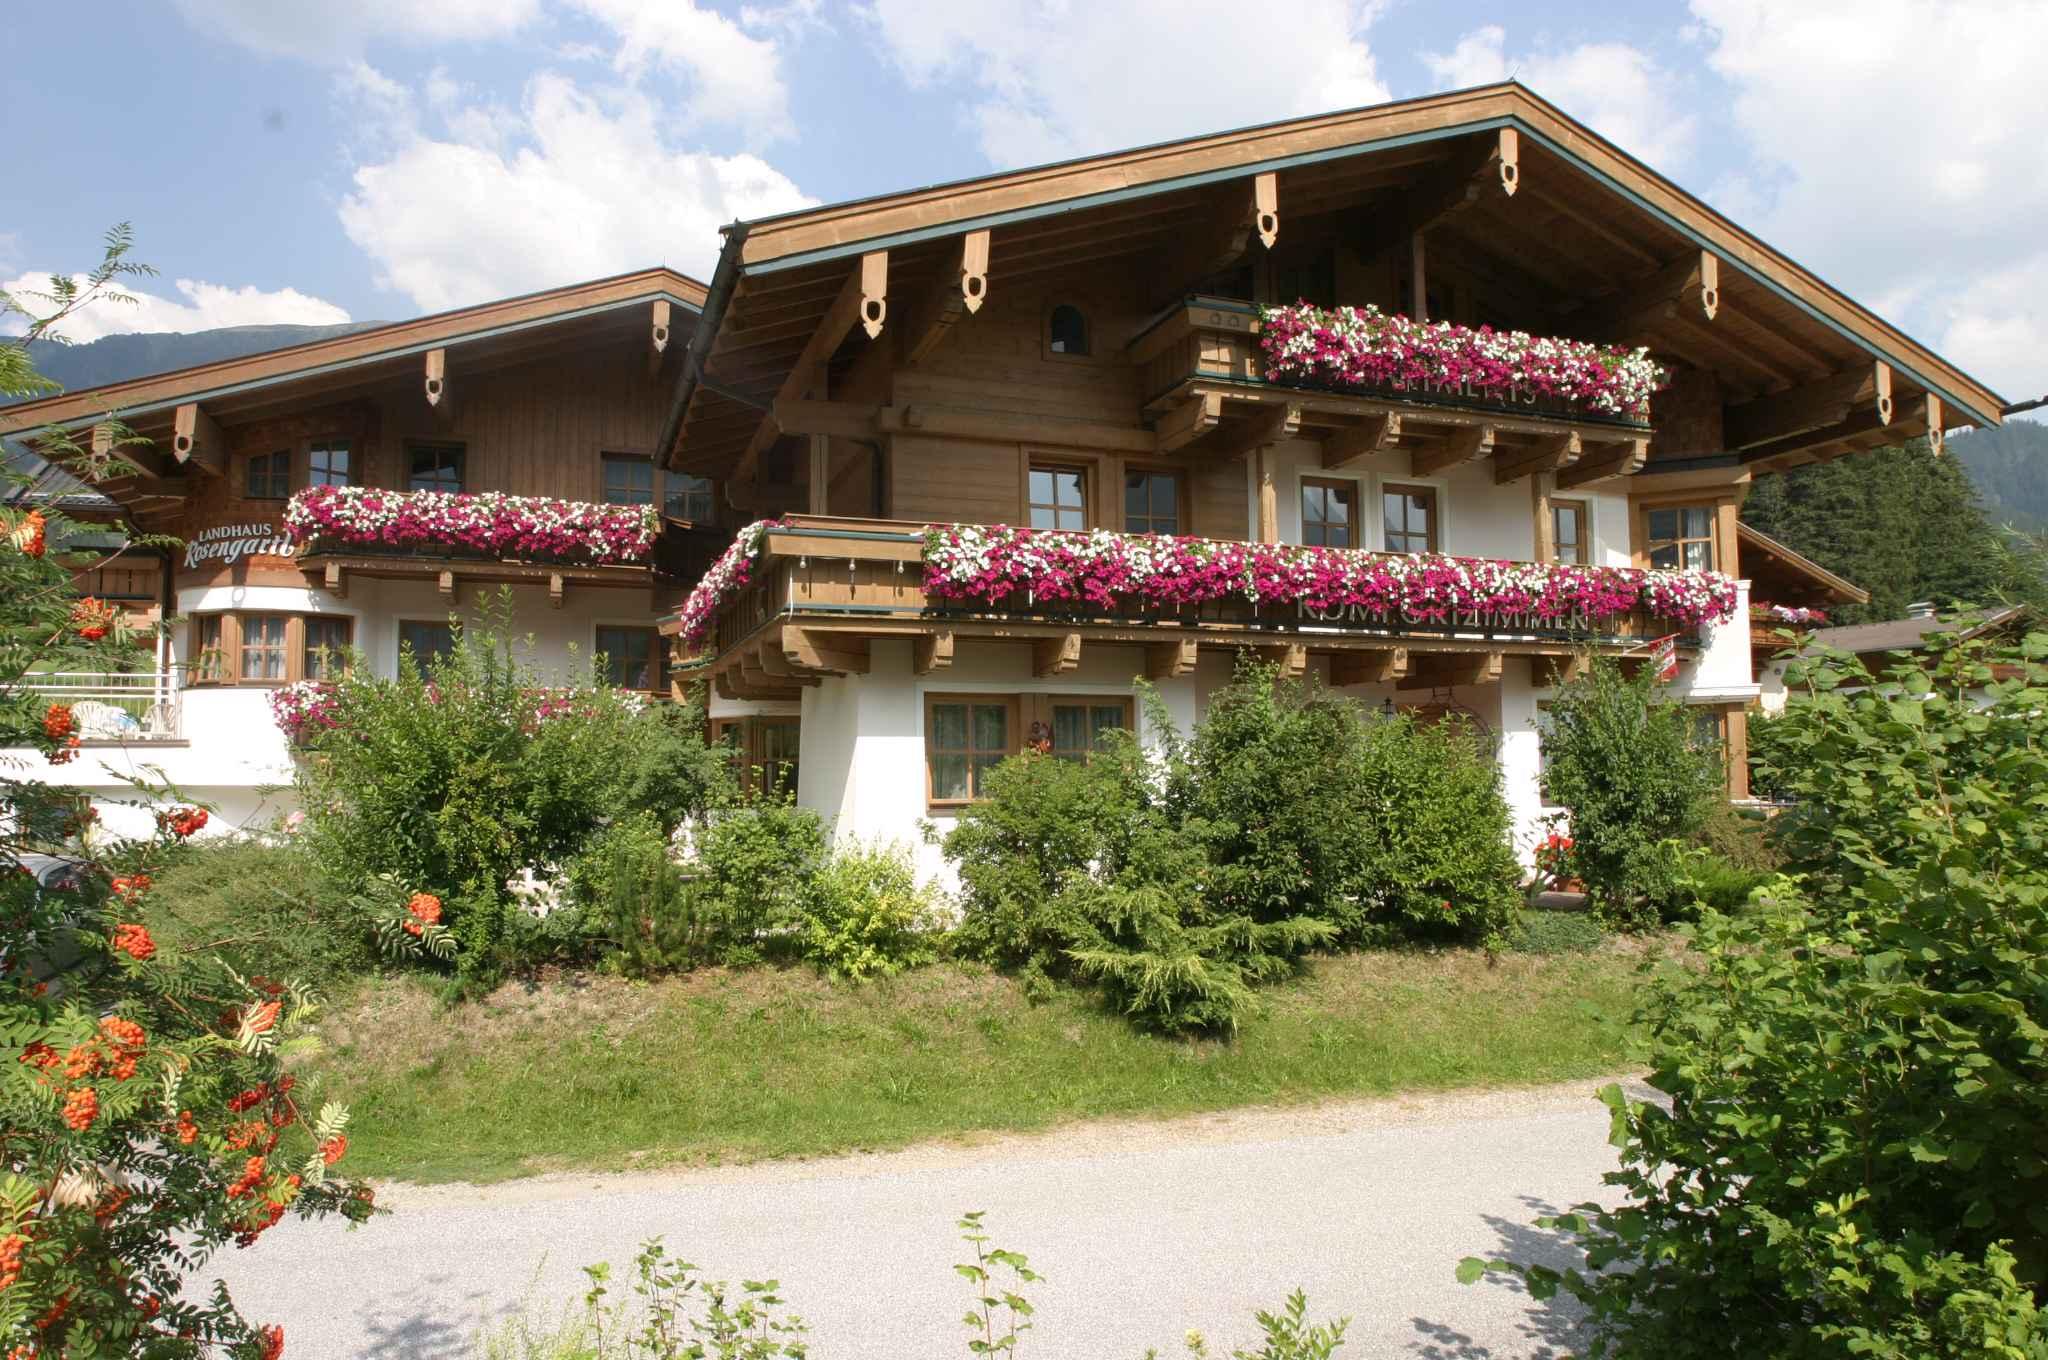 Ferienwohnung mit Wellness in ruhiger Lage (310162), Krimml, Pinzgau, Salzburg, Österreich, Bild 1